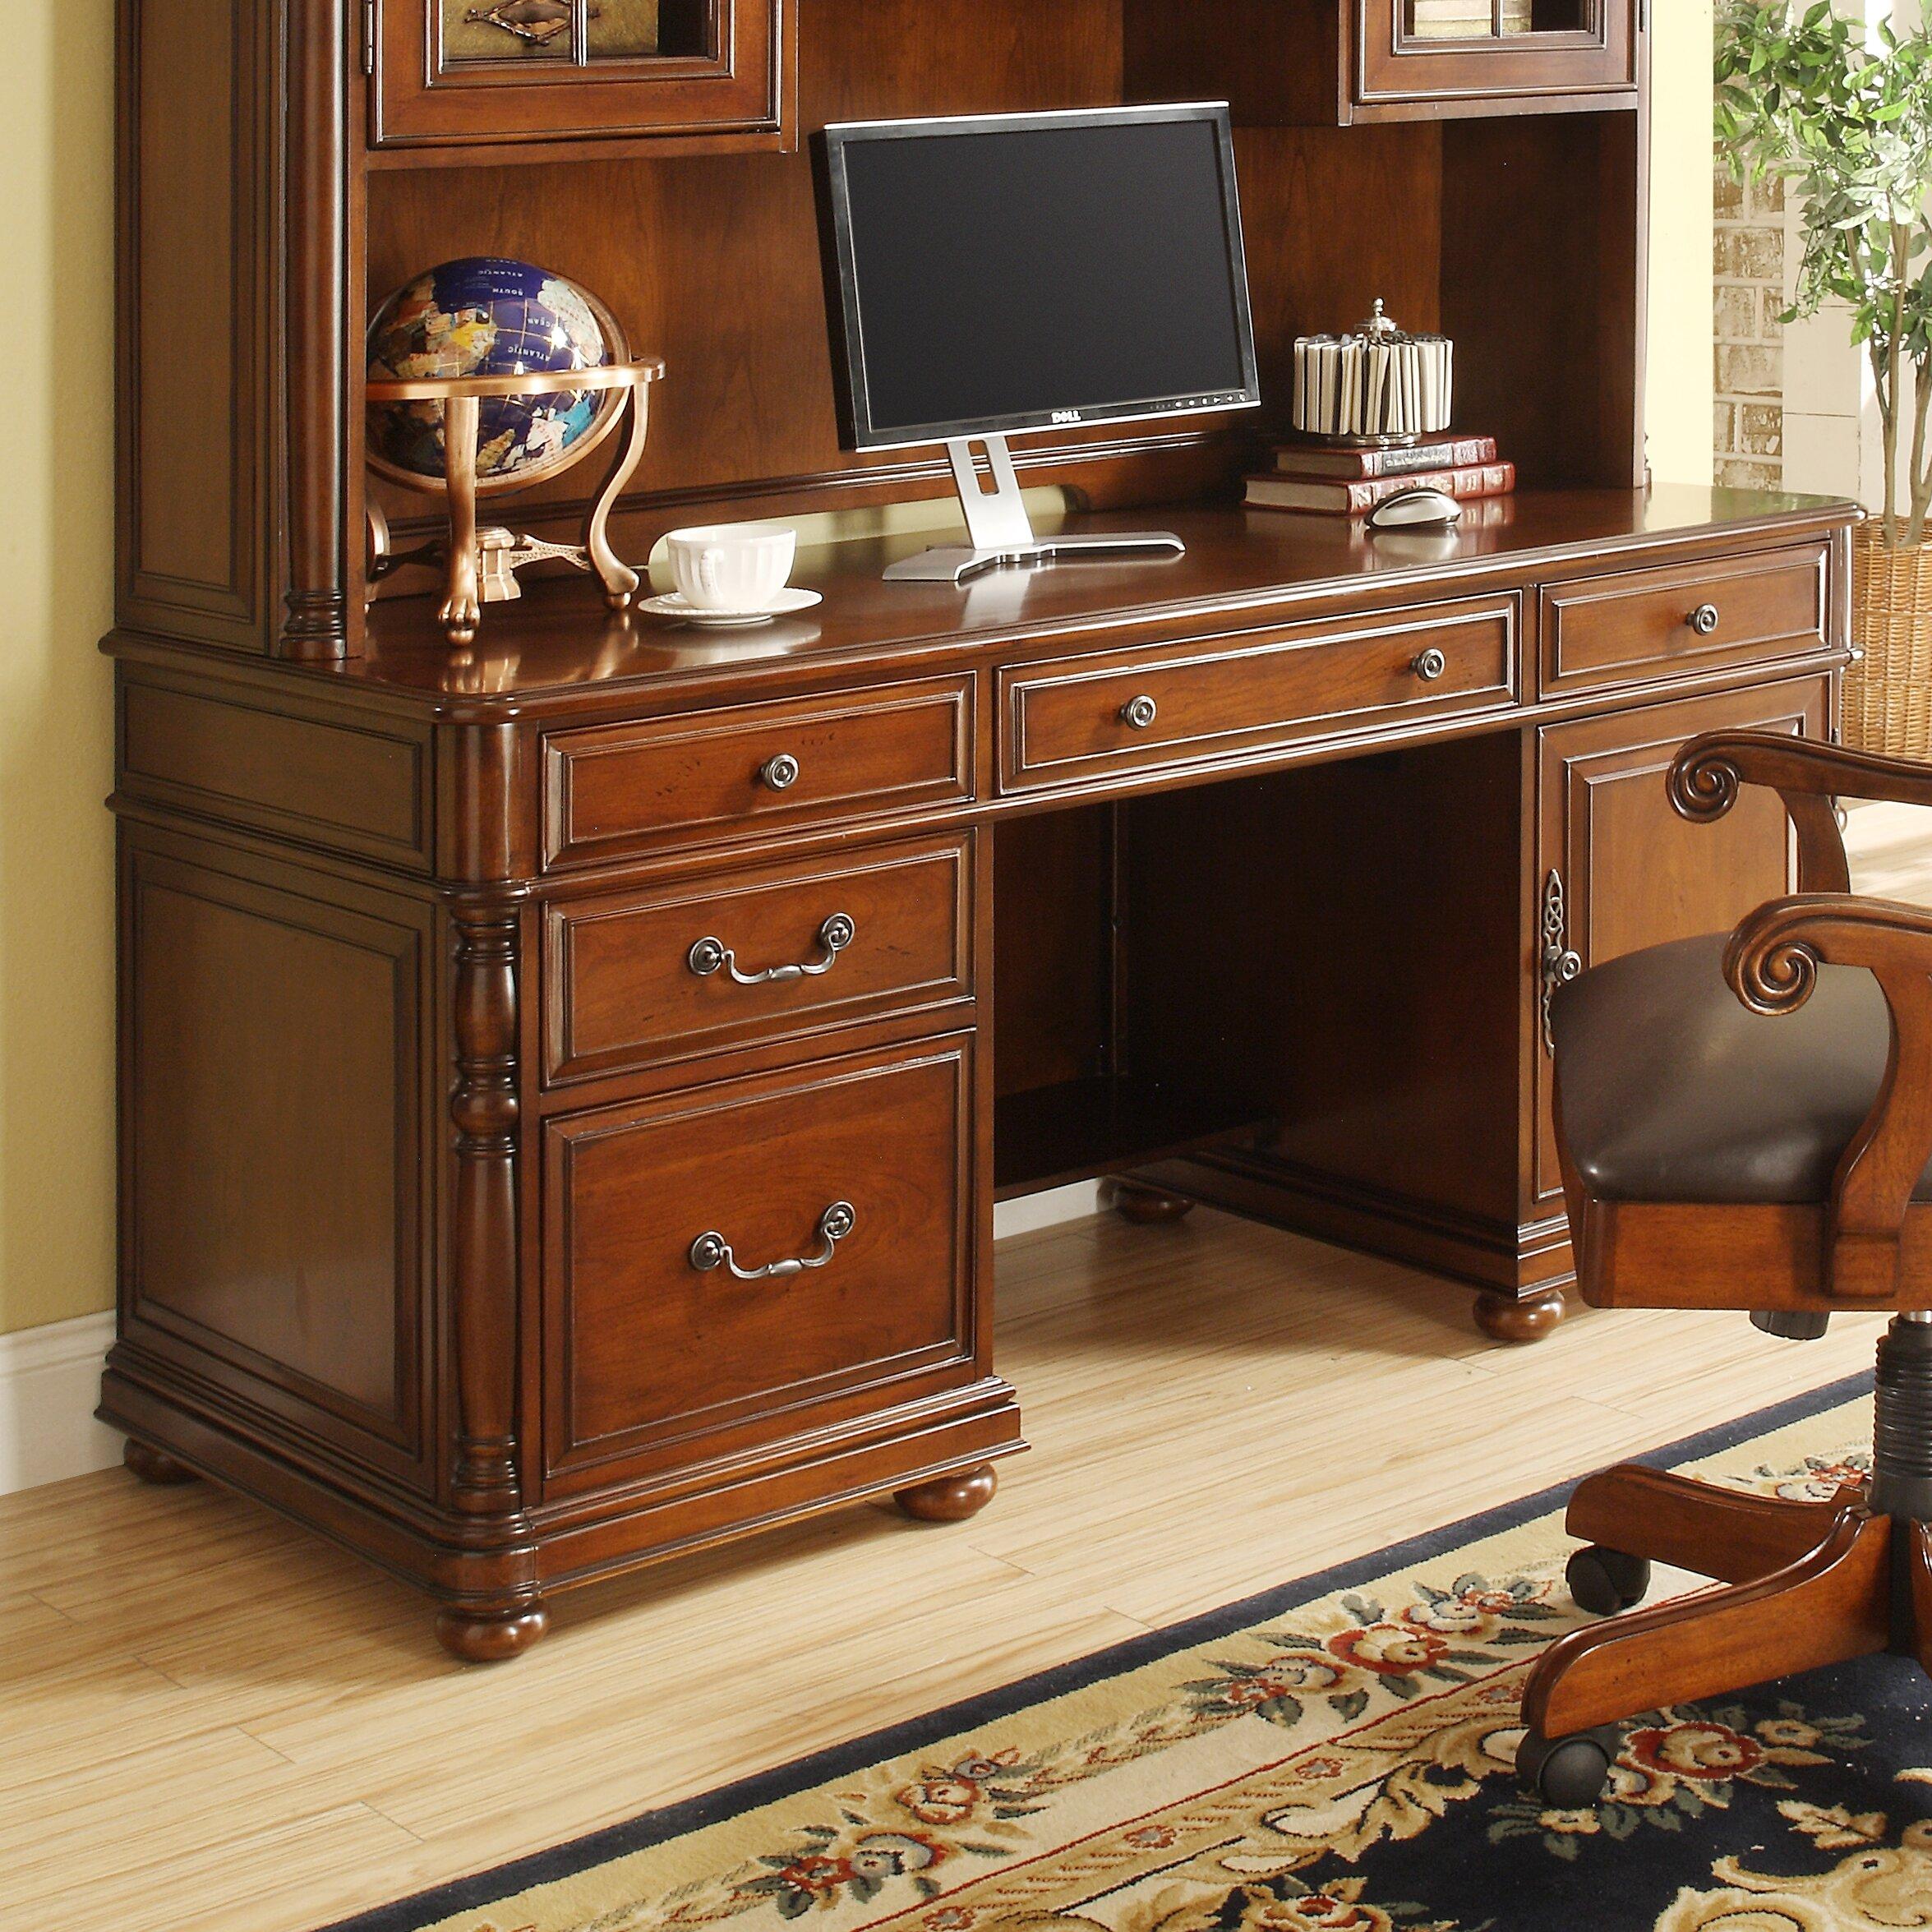 Riverside Furniture Bristol Court 5-Piece Standard Desk